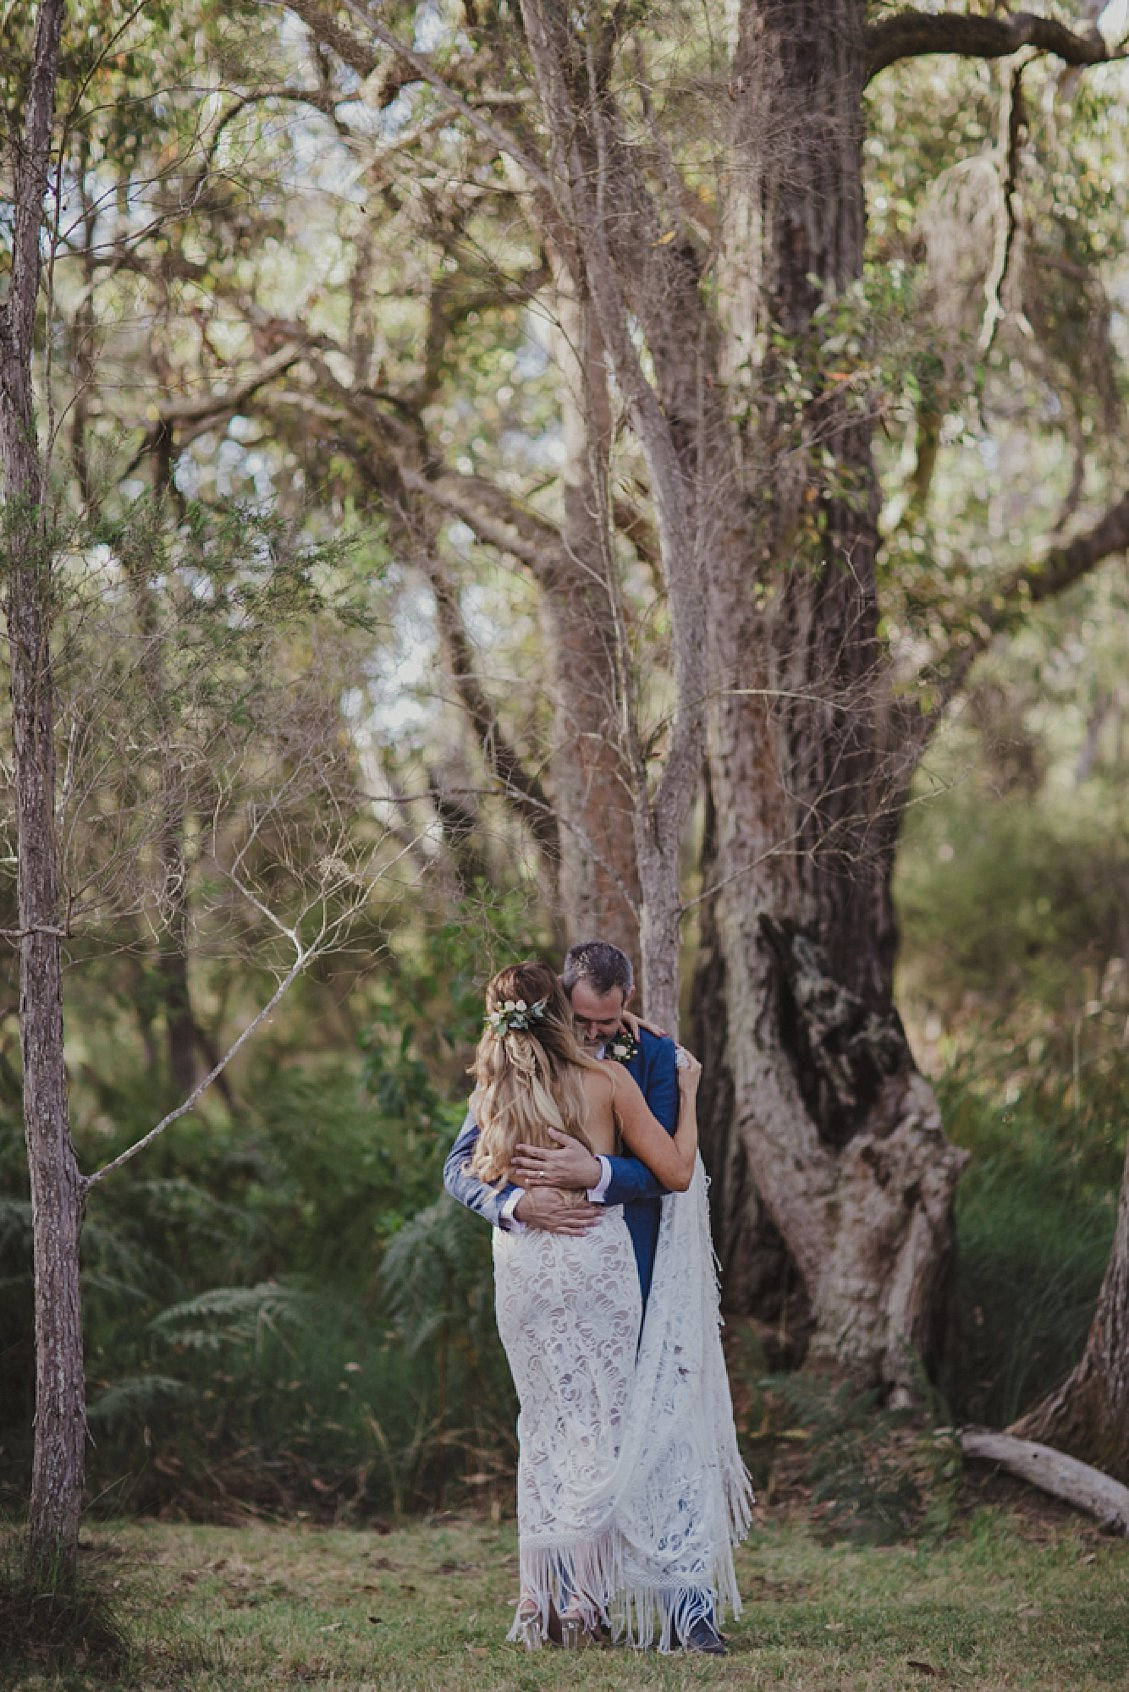 margaret-river-wedding-photographer-55.jpg